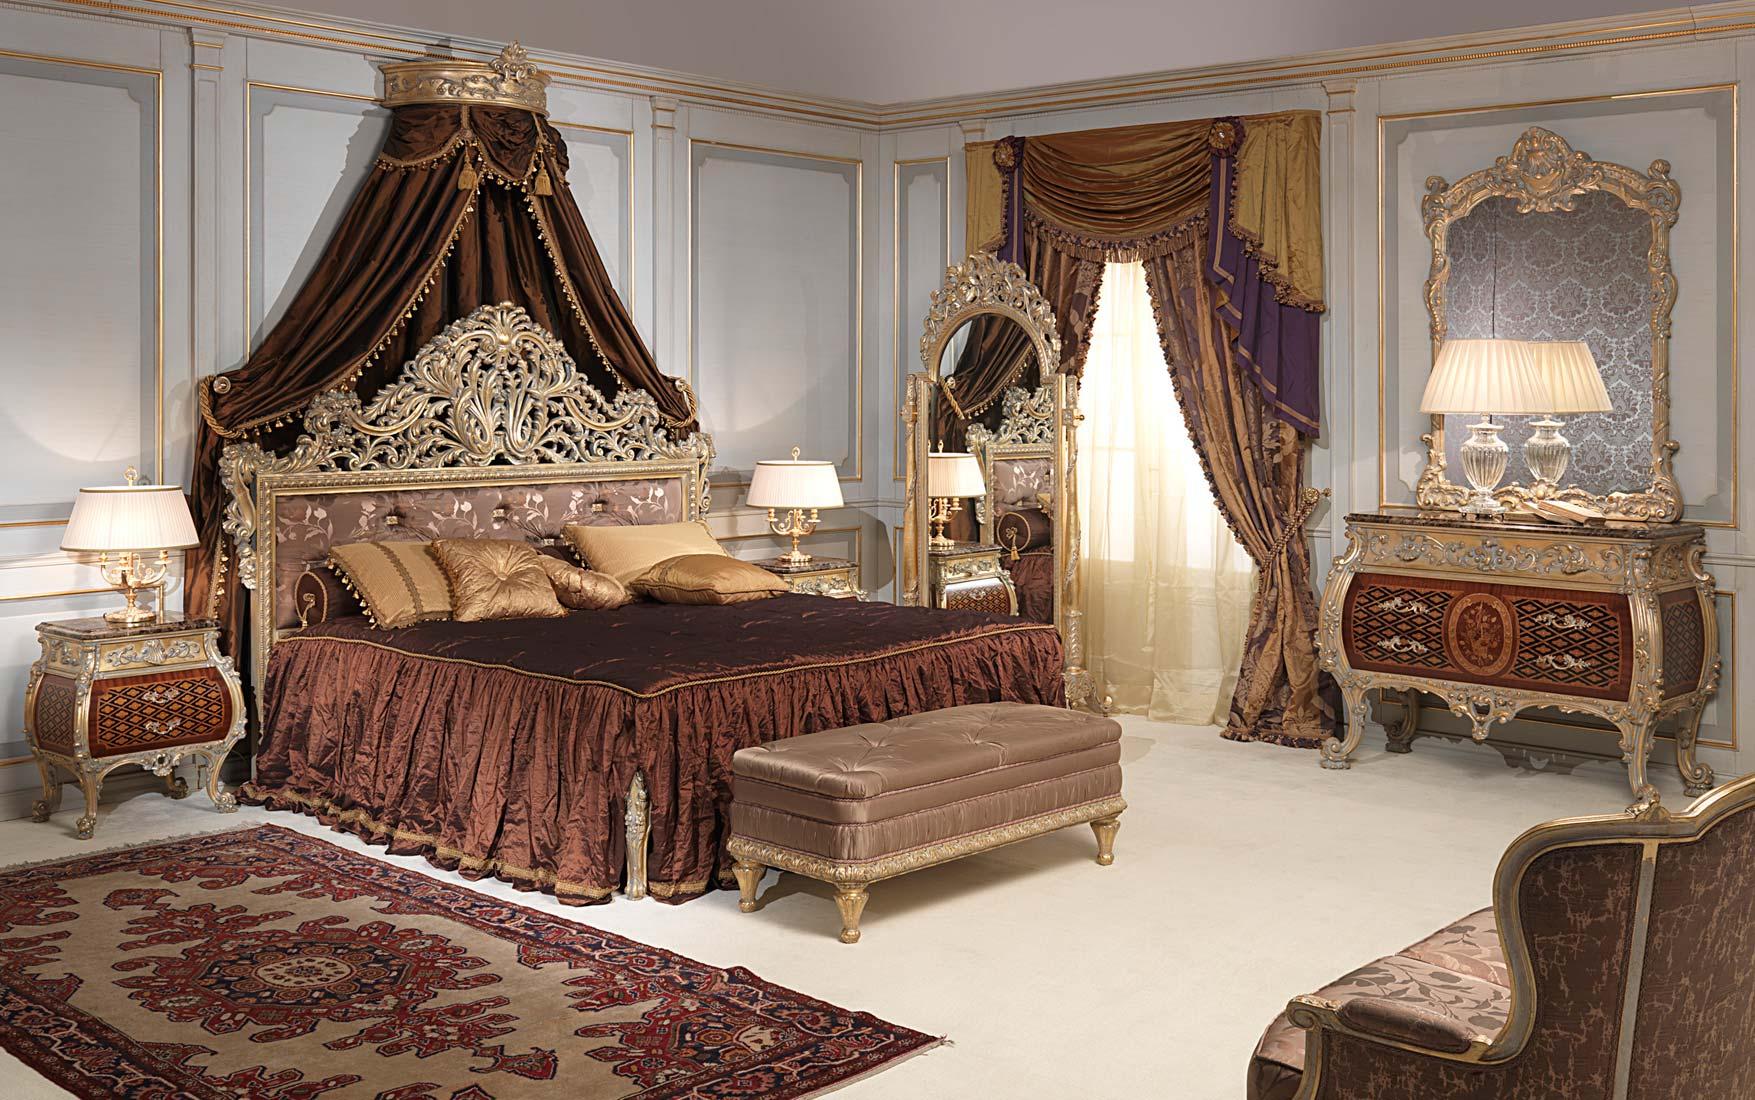 Camera da letto classica emperador gold in stile luigi xv - Camere da letto classiche di lusso ...